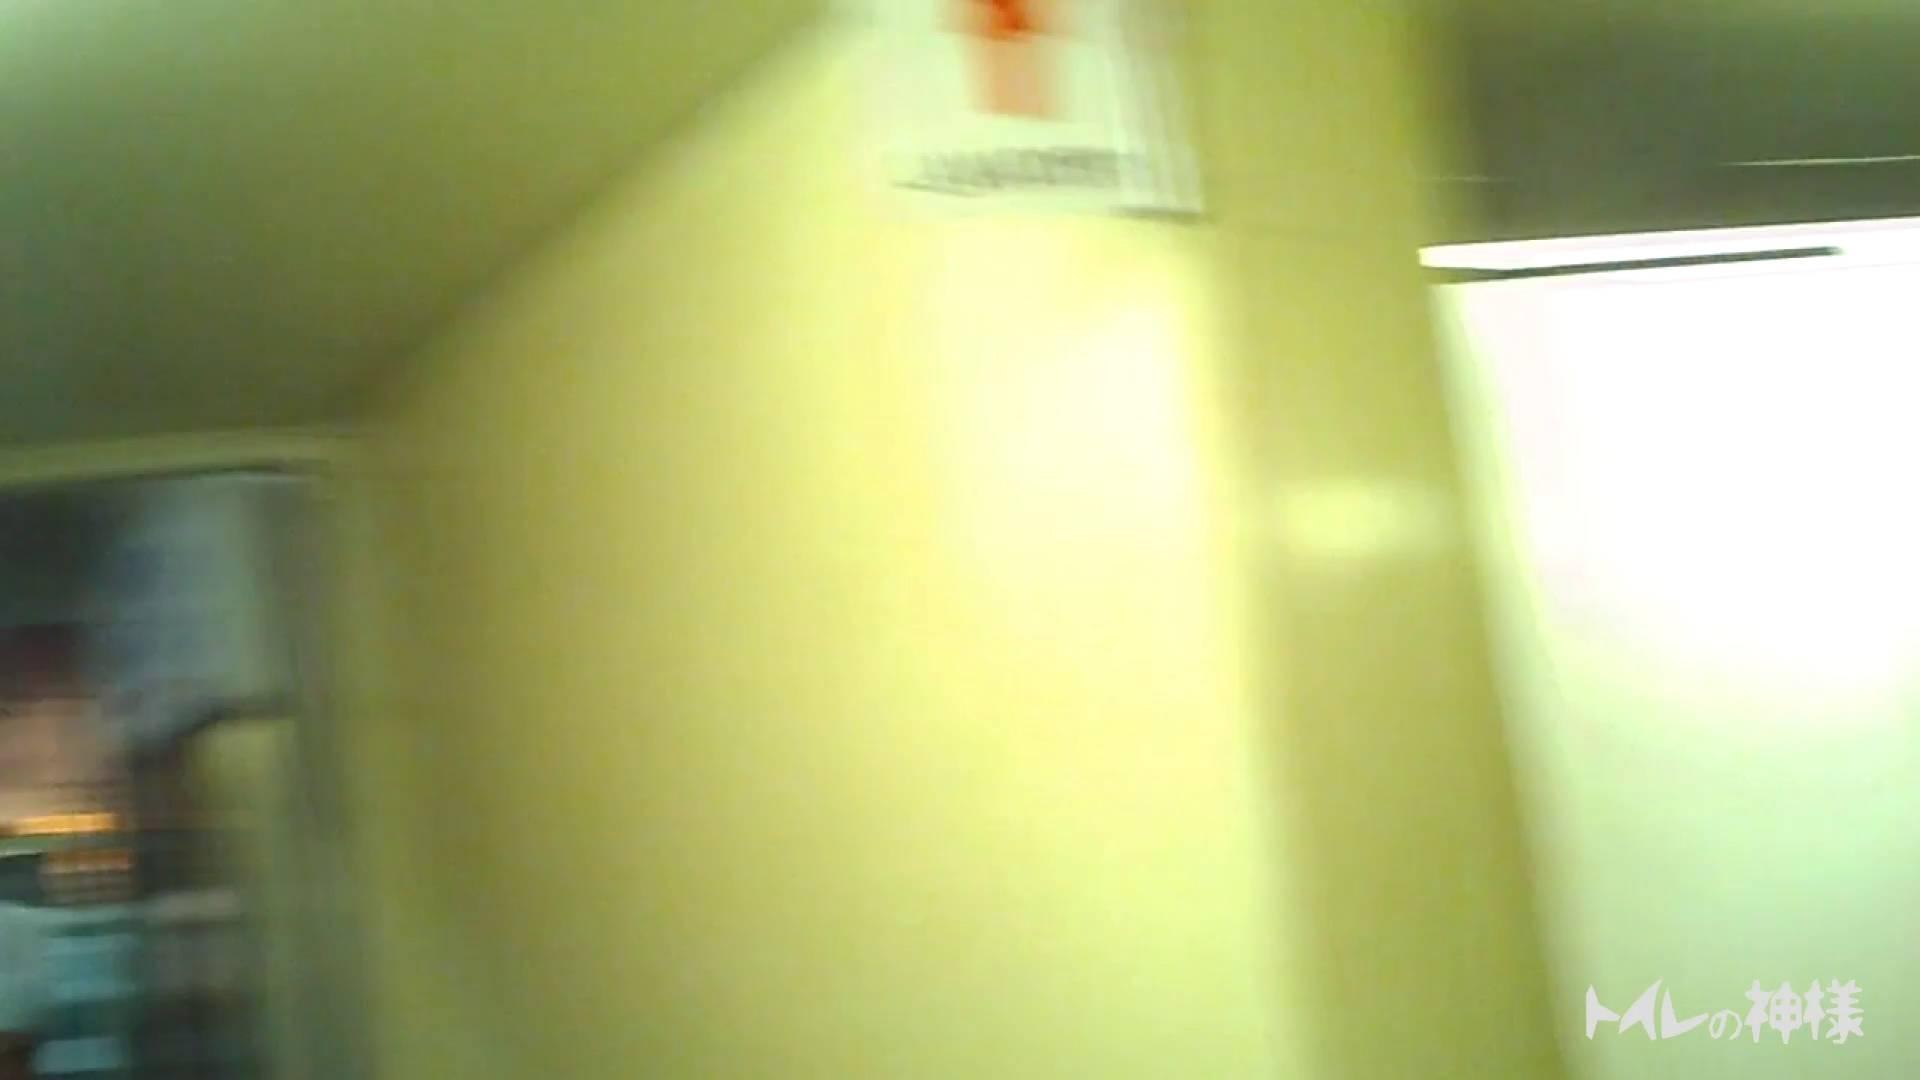 ▲2017_28位▲ ビアガーデン!美人が6人!トイレの神様 Vol.11 細身女性 性交動画流出 72画像 17